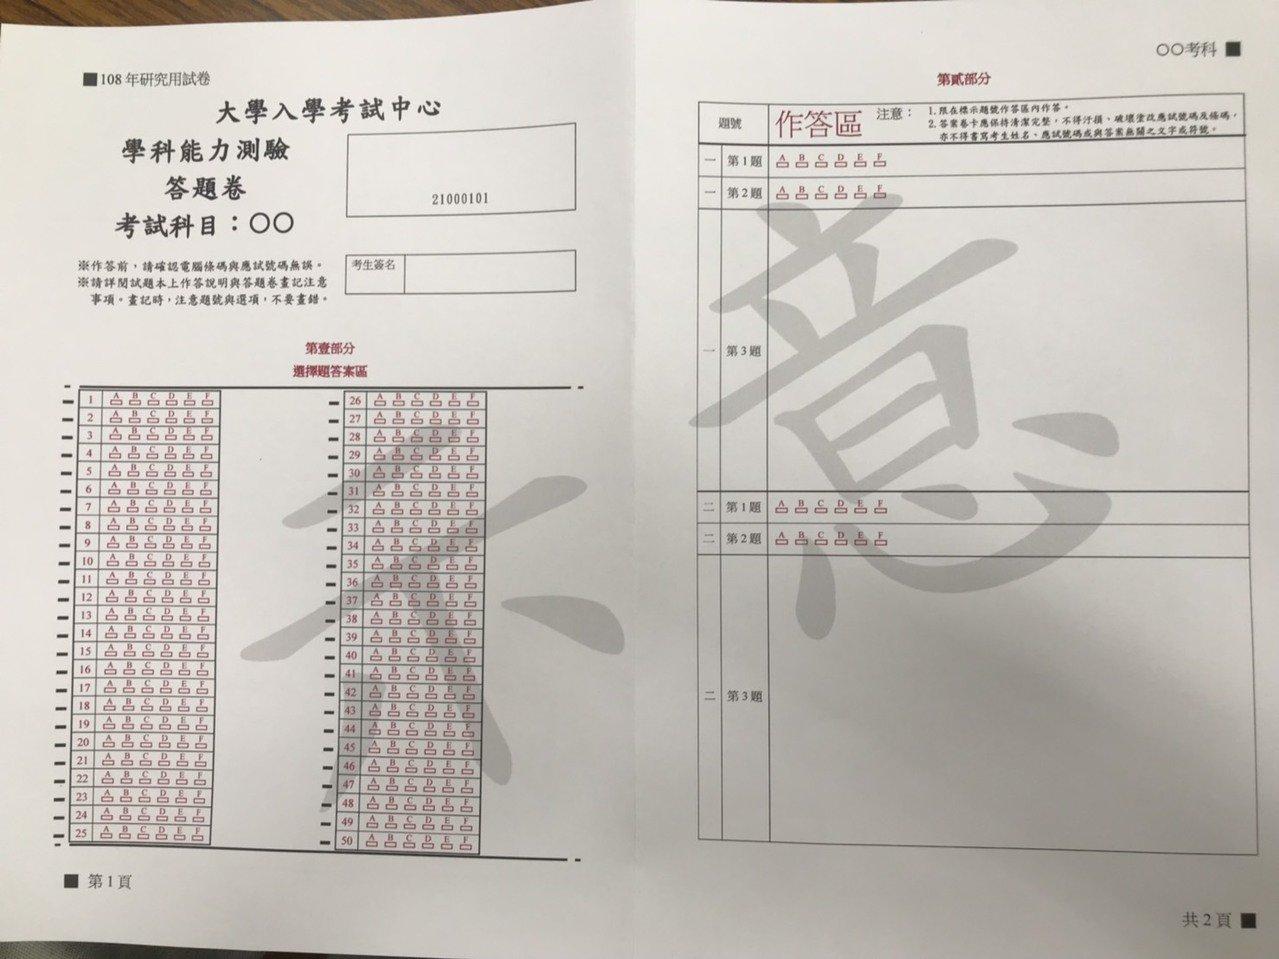 大考中心公布新式答題卷 111學年度還不會延長考試時間